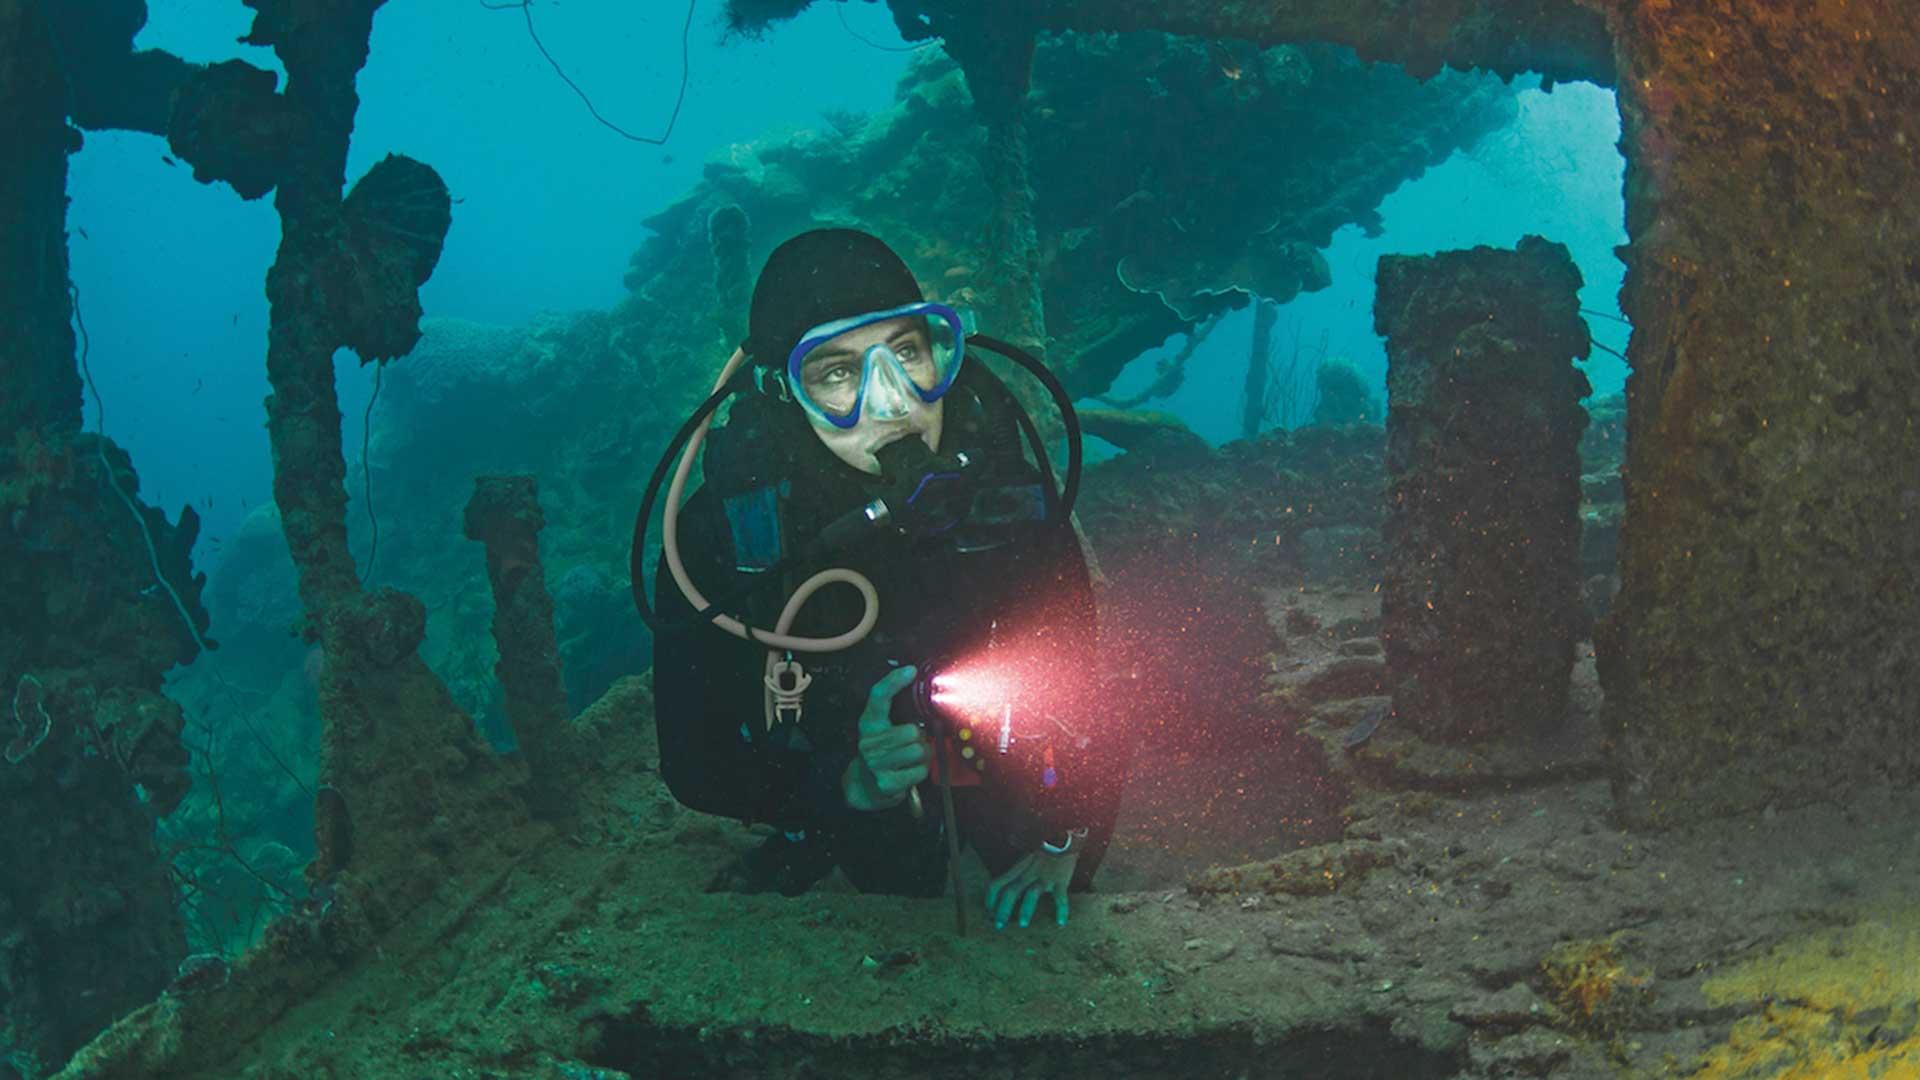 imagem-destacada-a-partir-de-2021-voce-podera-visitar-o-titanic